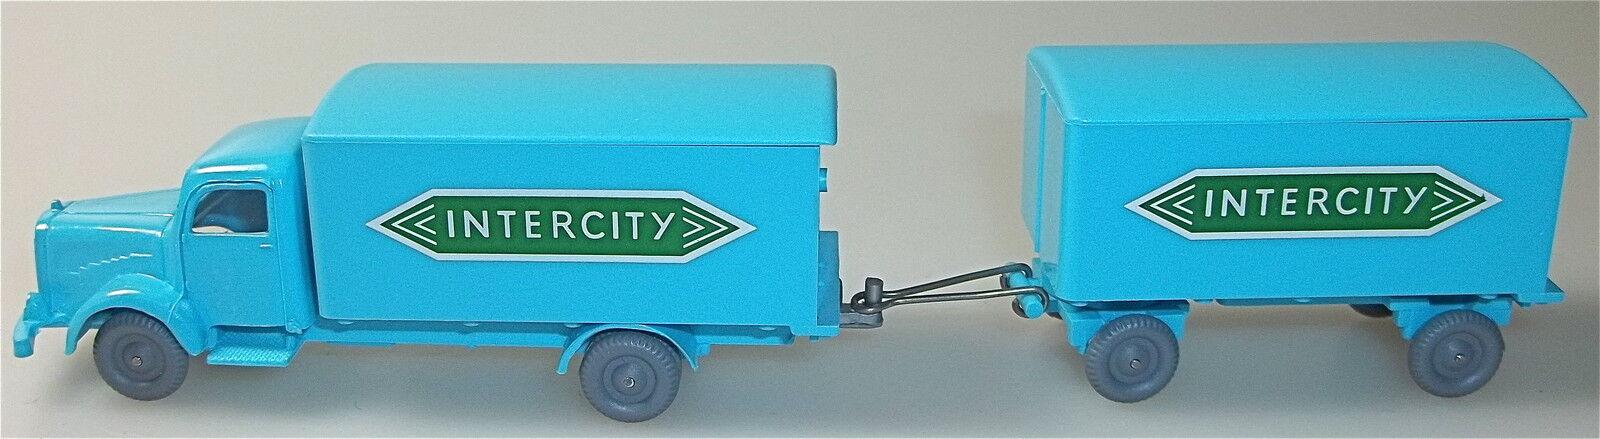 Intercity - mercedes 5000 h ä ngerzug hellblau gr ü n imu h0 nach   51   å